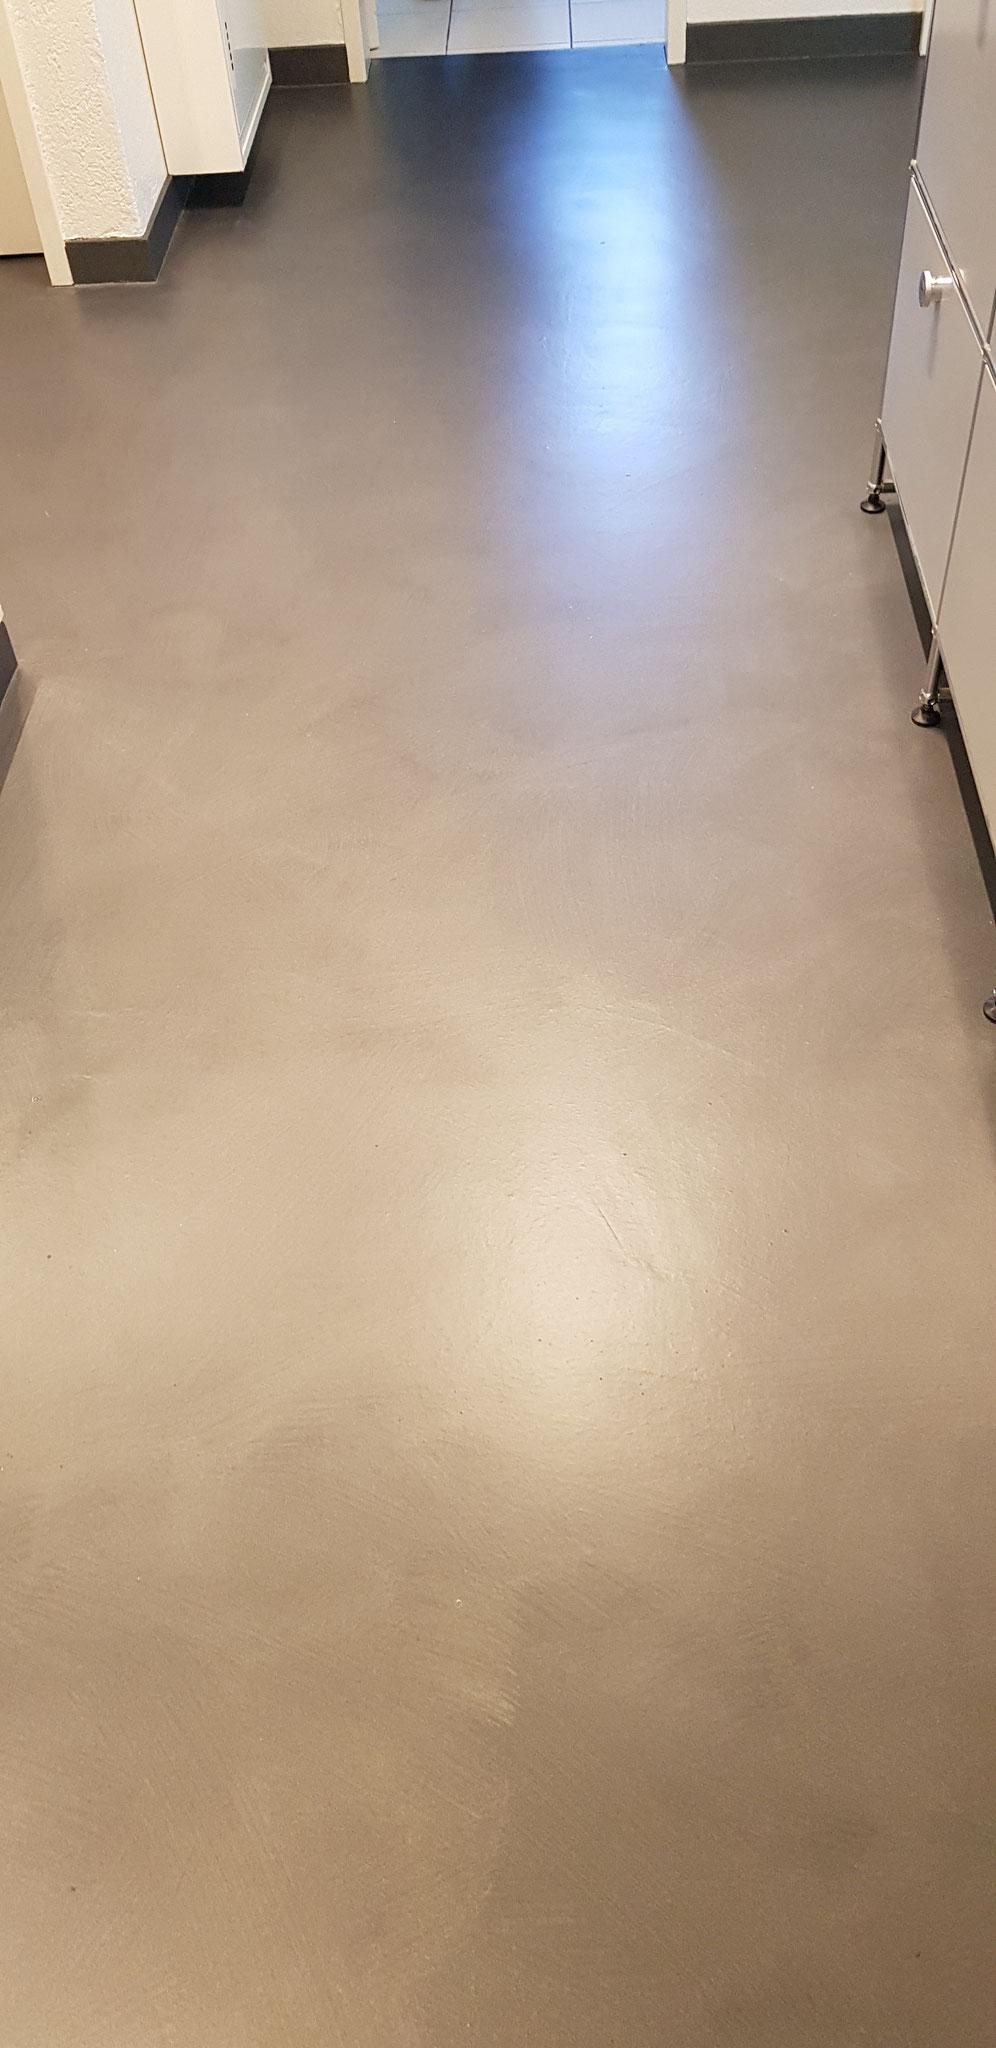 Fertiger Boden mit Glimmereffekt, Zehntenfreistrasse in Bottmingen.